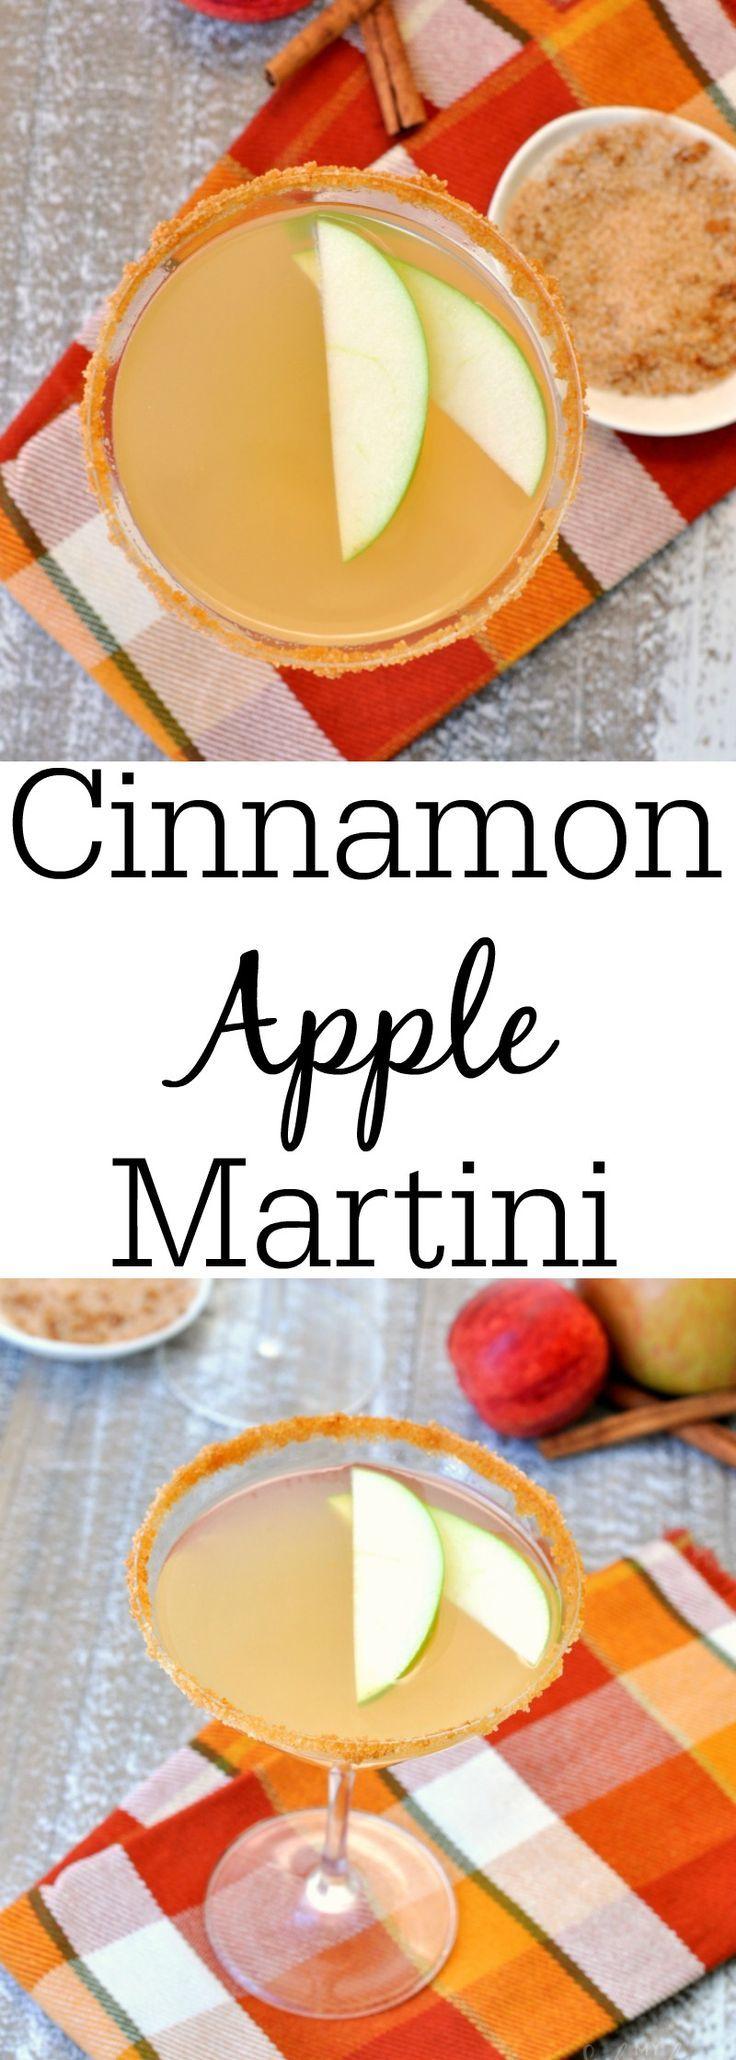 Cinnamon Apple Martini